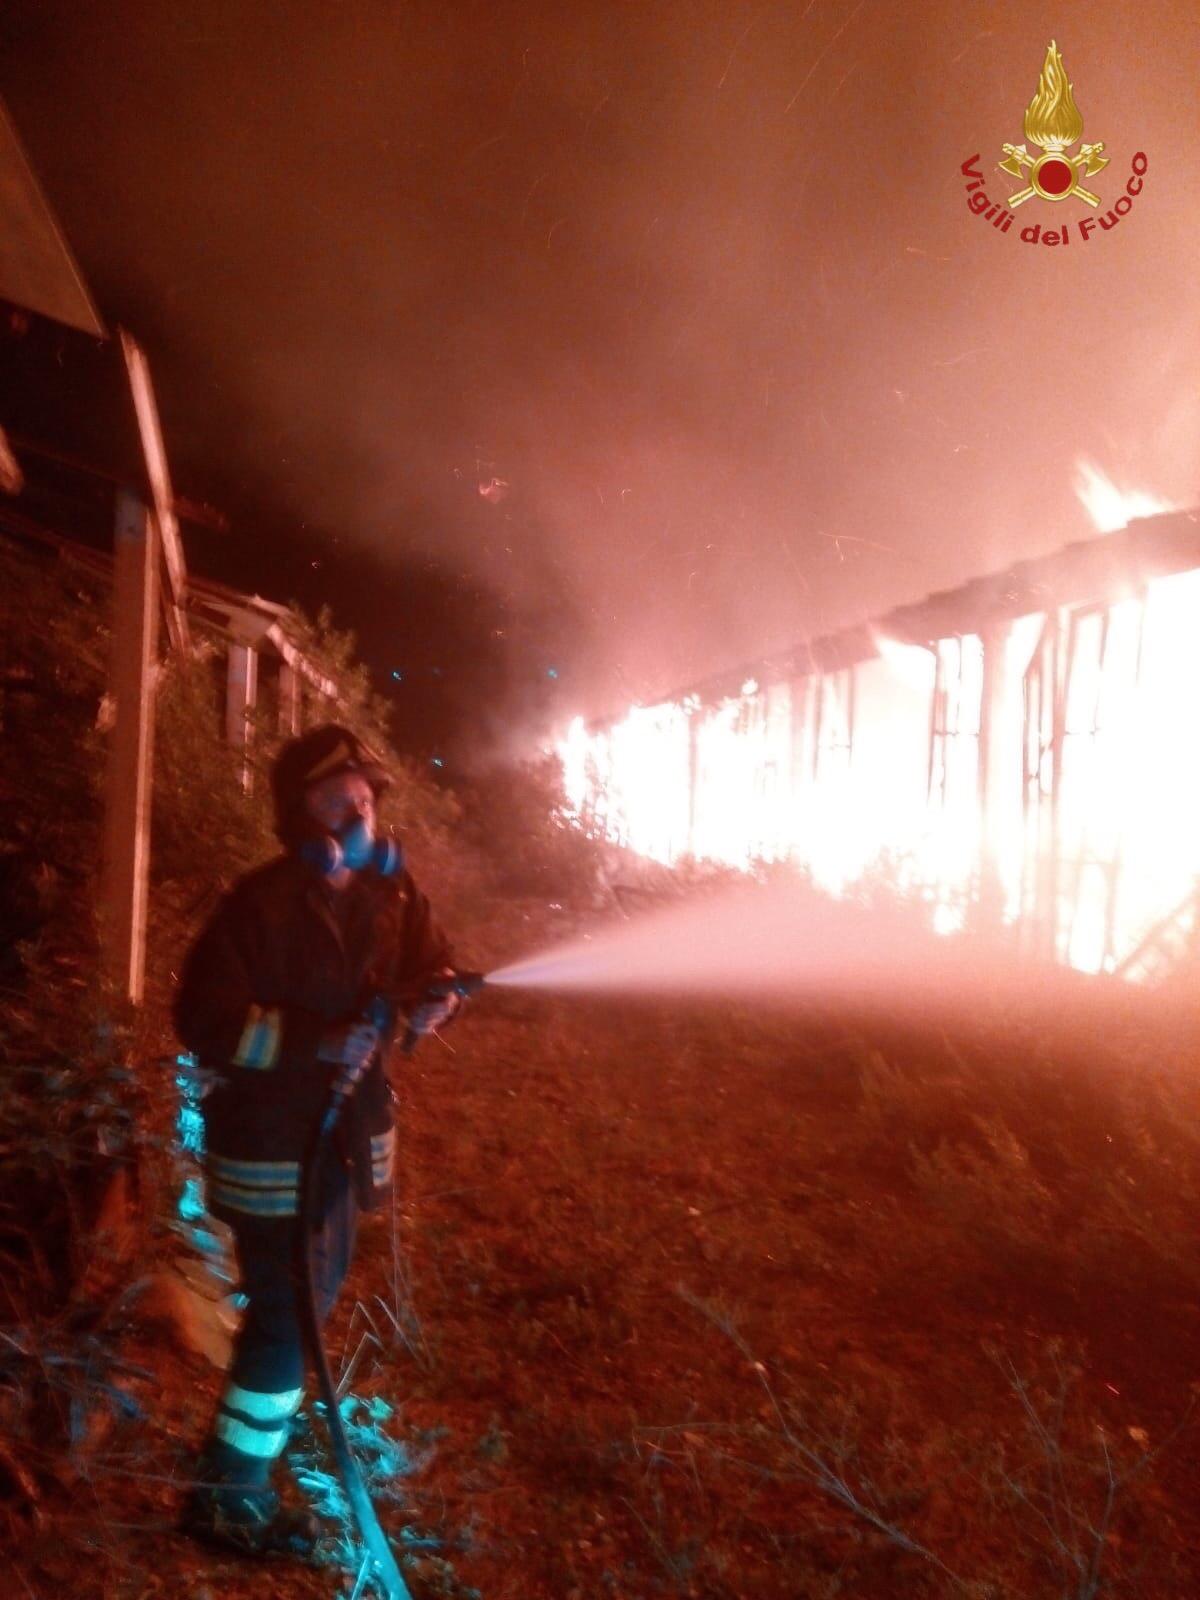 Un incendio devasta la Quartaccia nella notte: in fiamme le serre vicine al cimitero